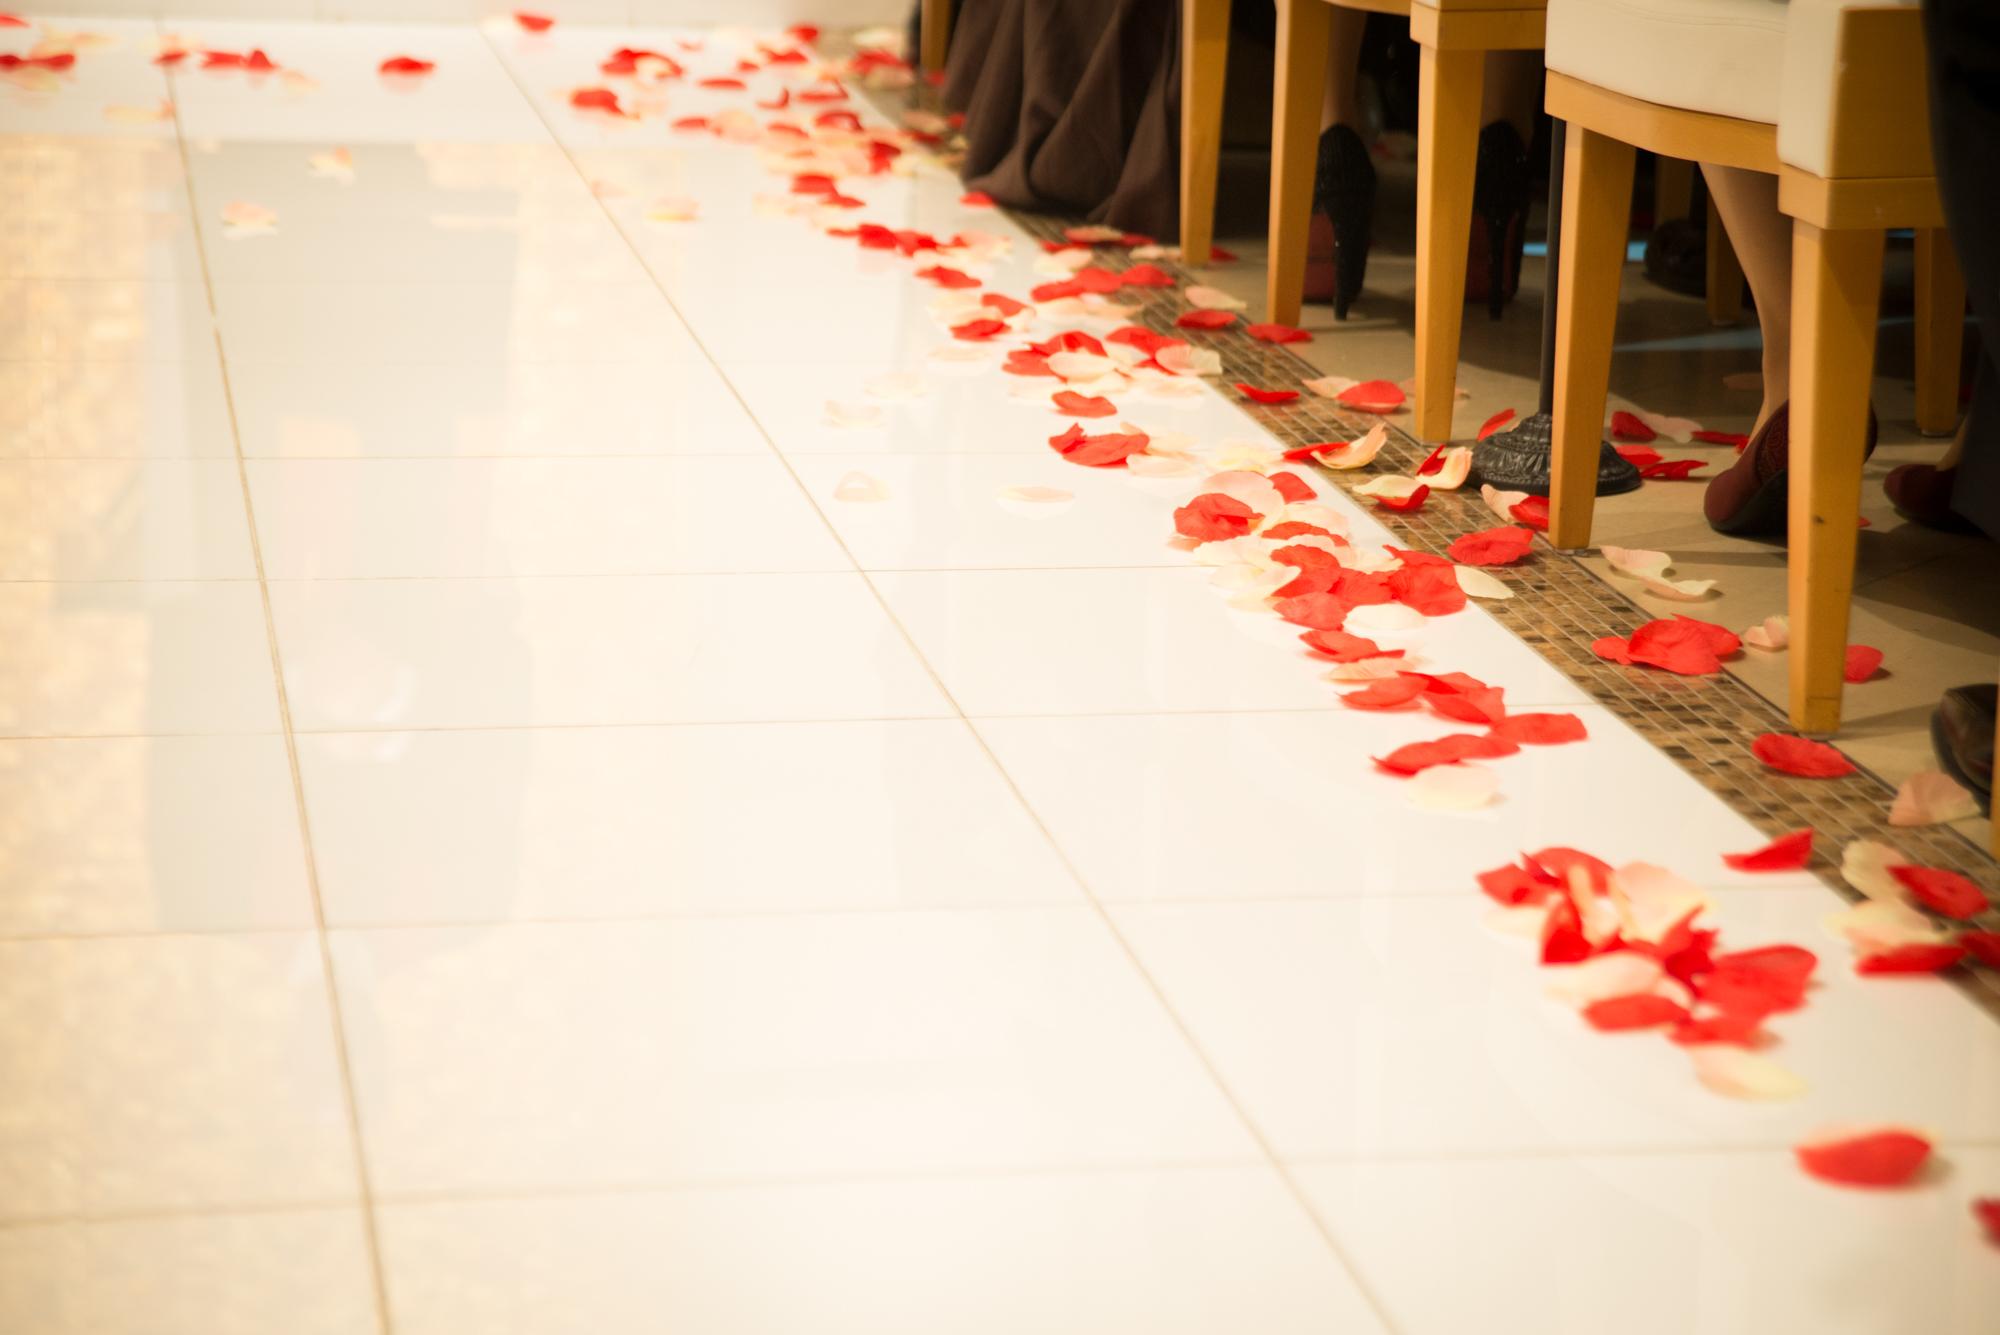 秋は結婚式が多い季節。すごしやすく快適で、赤く色づく紅葉や秋の花など景色も情感豊かに染まる季節です。<br /> 秋の結婚式にお呼ばれした際には、服装にも秋らしいカラーをあしらって結婚式の場を鮮やかに彩りたいところ。秋の結婚式におすすめのコーディネートを、気候に合わせた服装のポイントと合わせてご紹介します。<br />